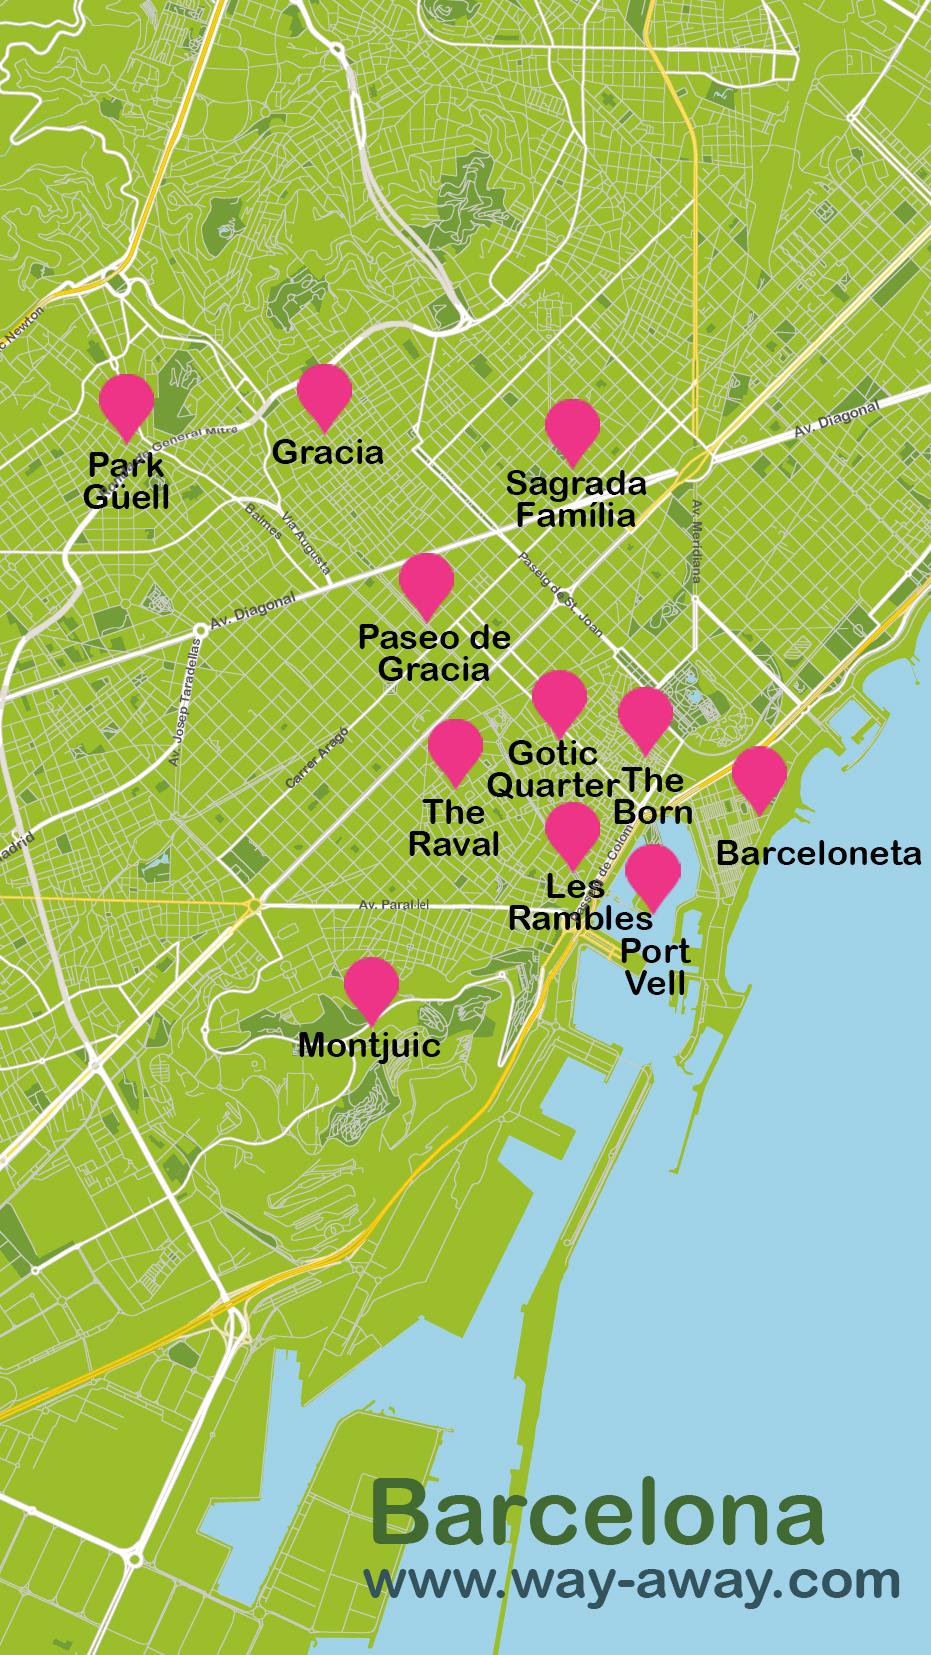 City Break Barcelona in 4 days